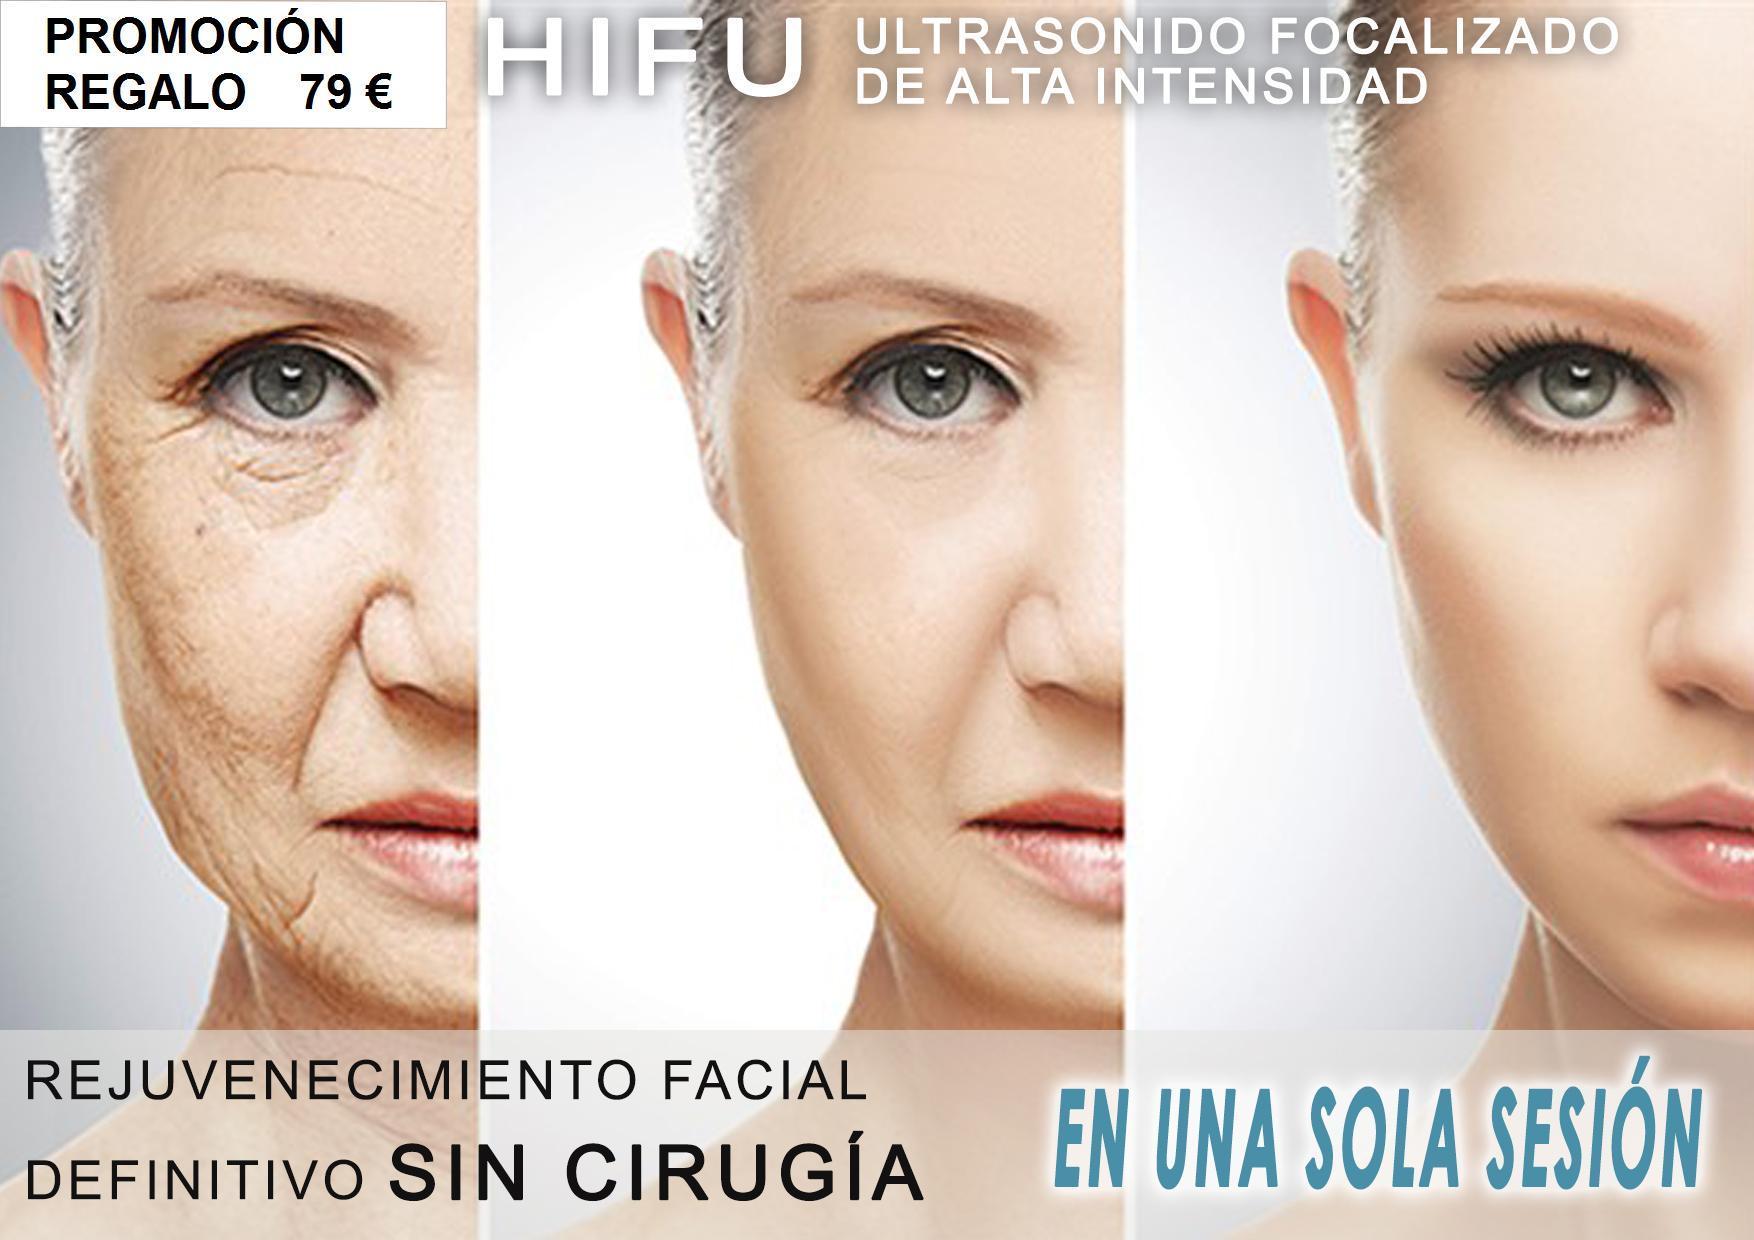 SESIÓN HIFU FACIAL